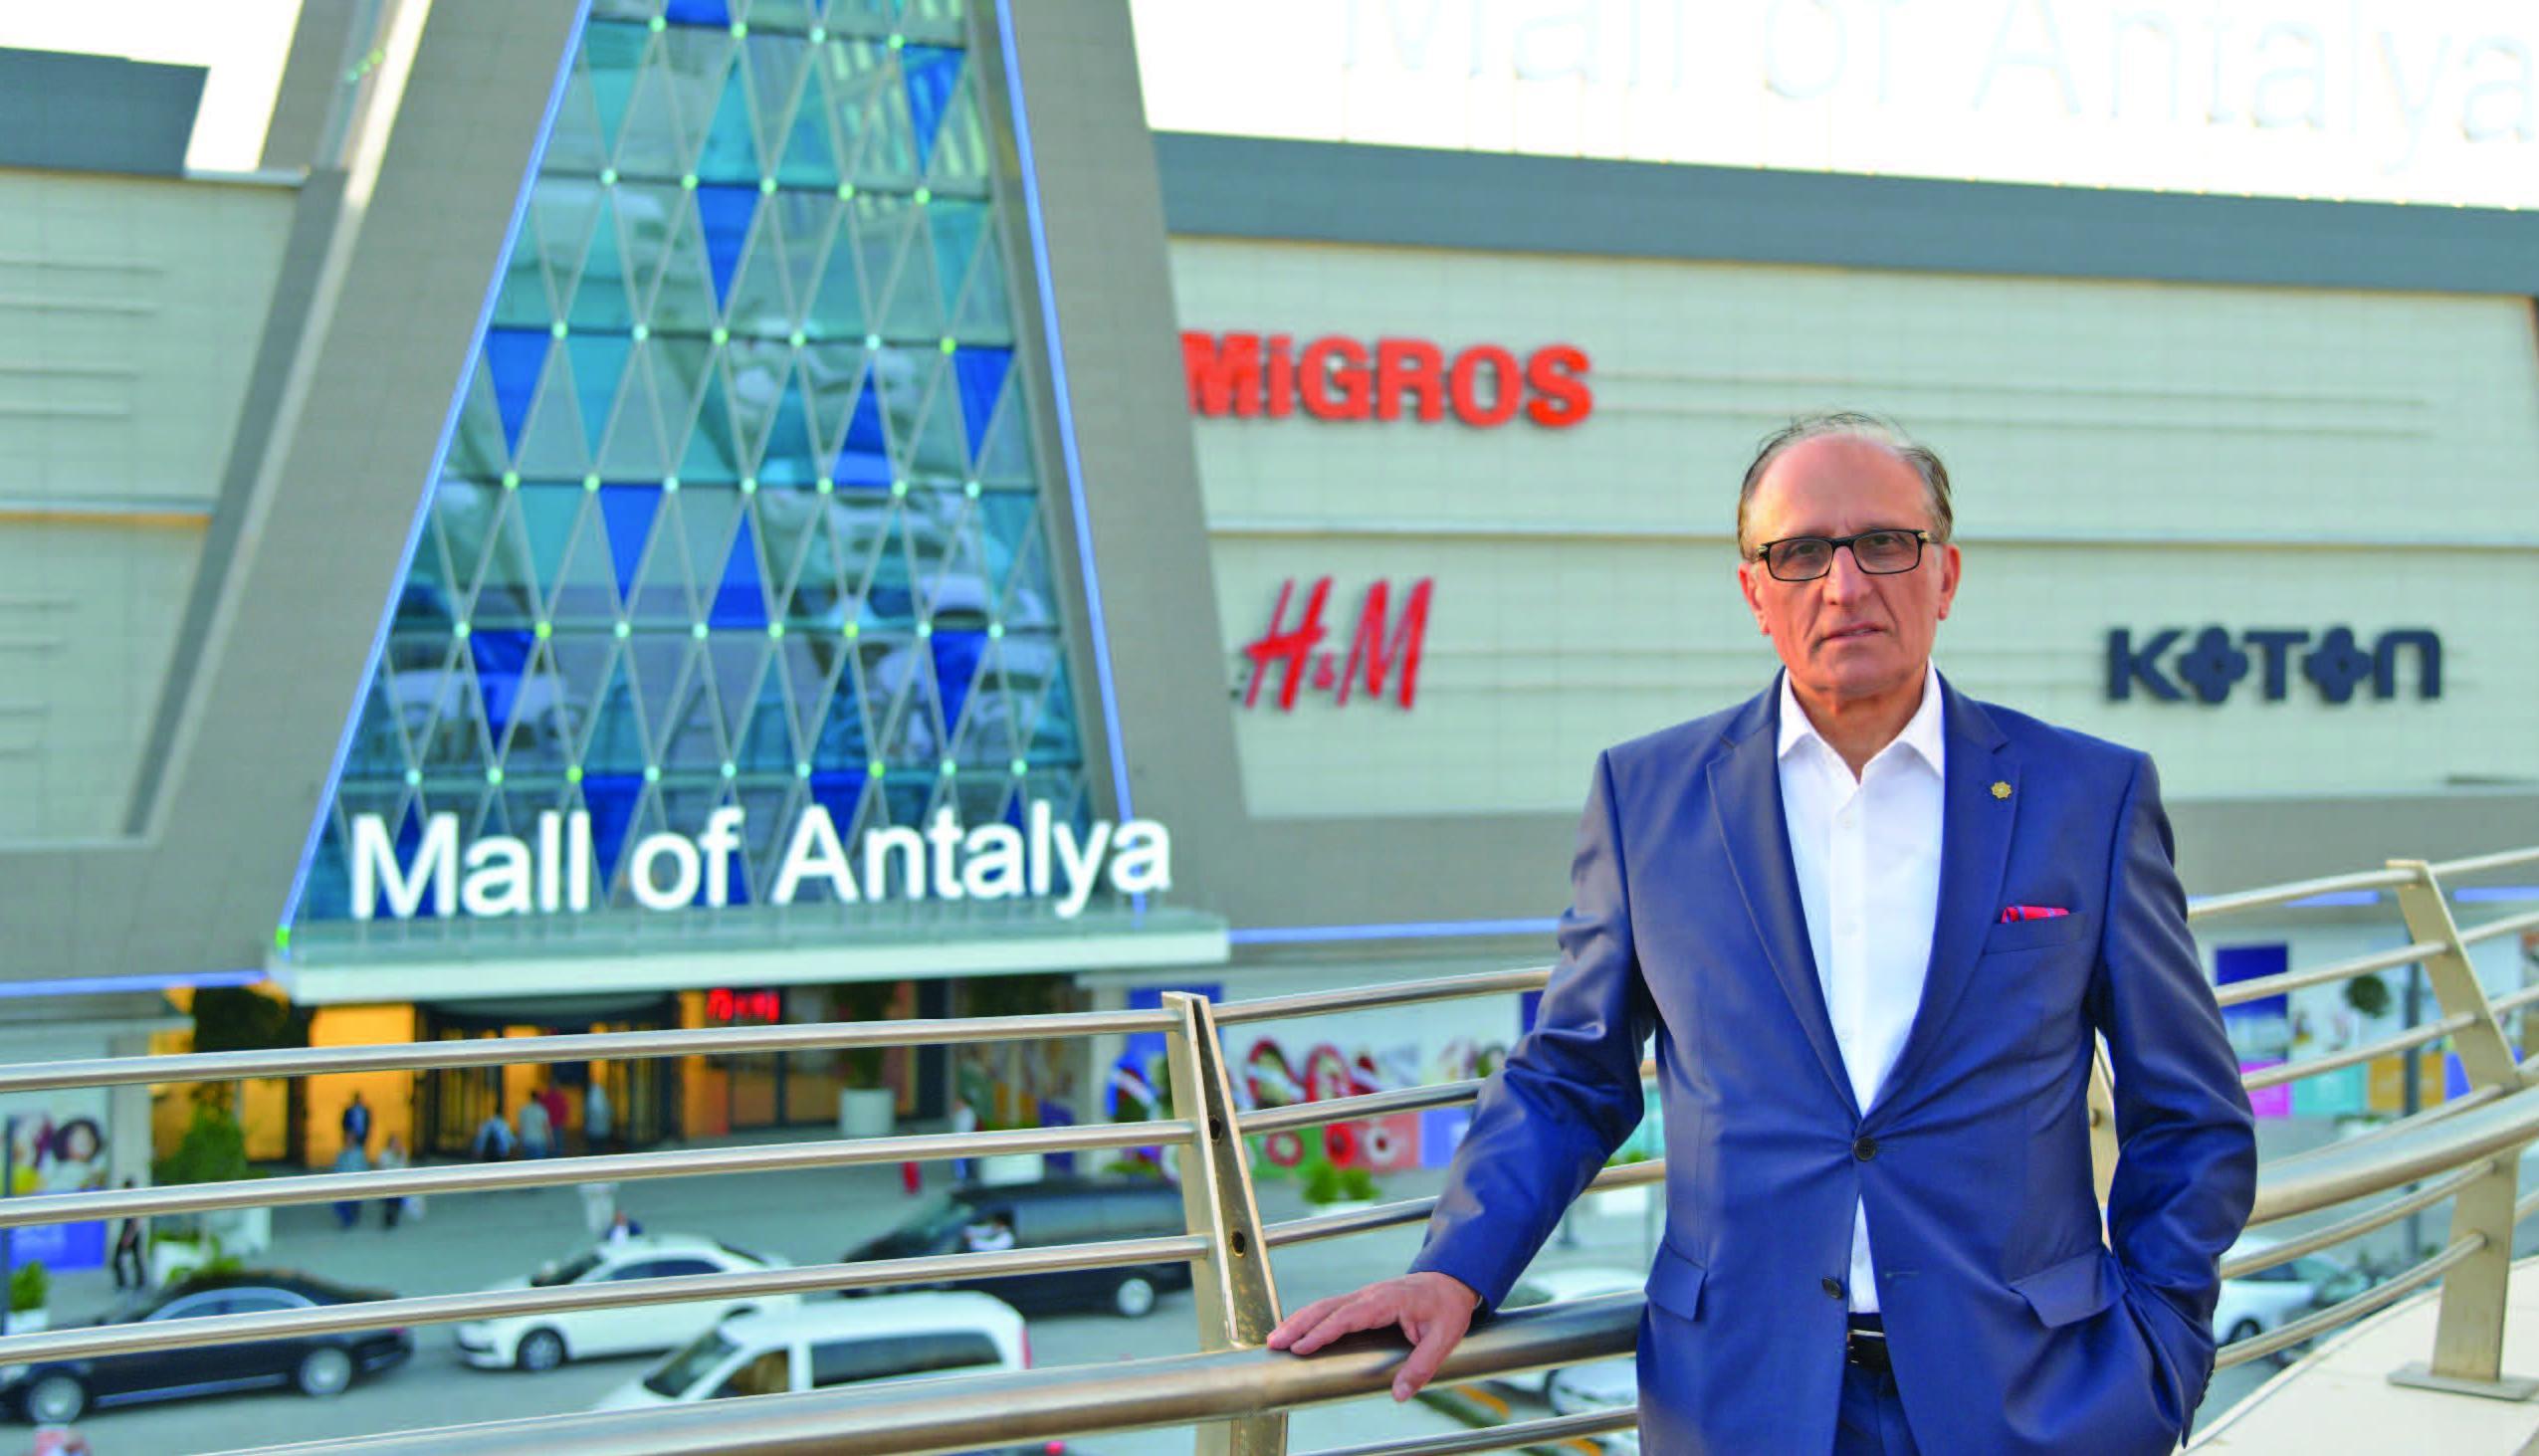 Torunlar Mall Of Antalya ile AVM sayısını 11'e yükseltti